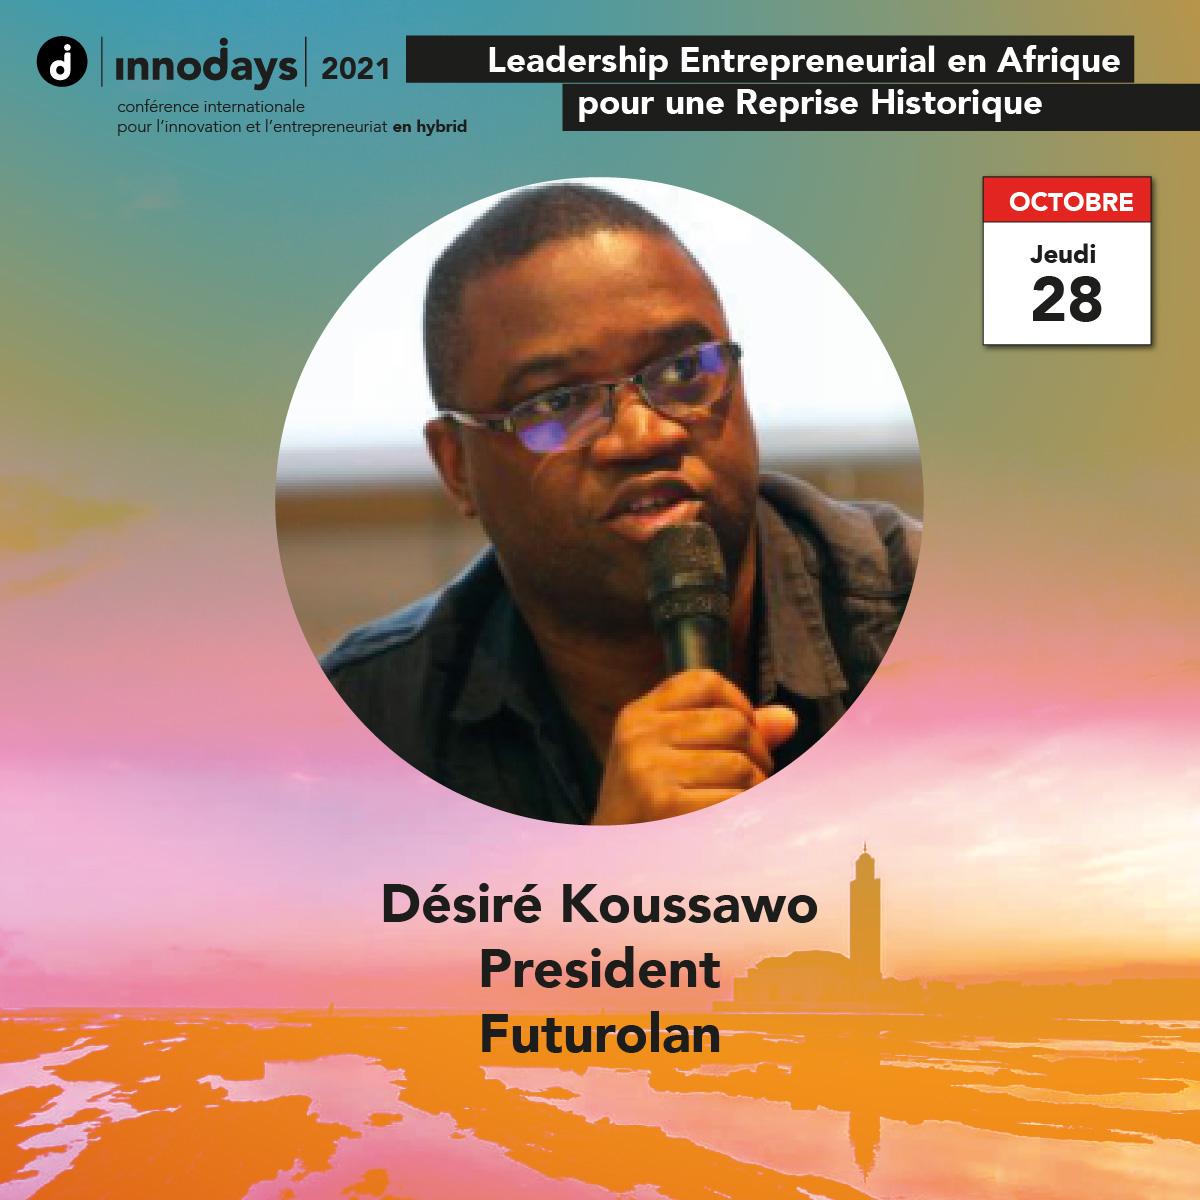 Désiré Koussawo - Président - Futurolan